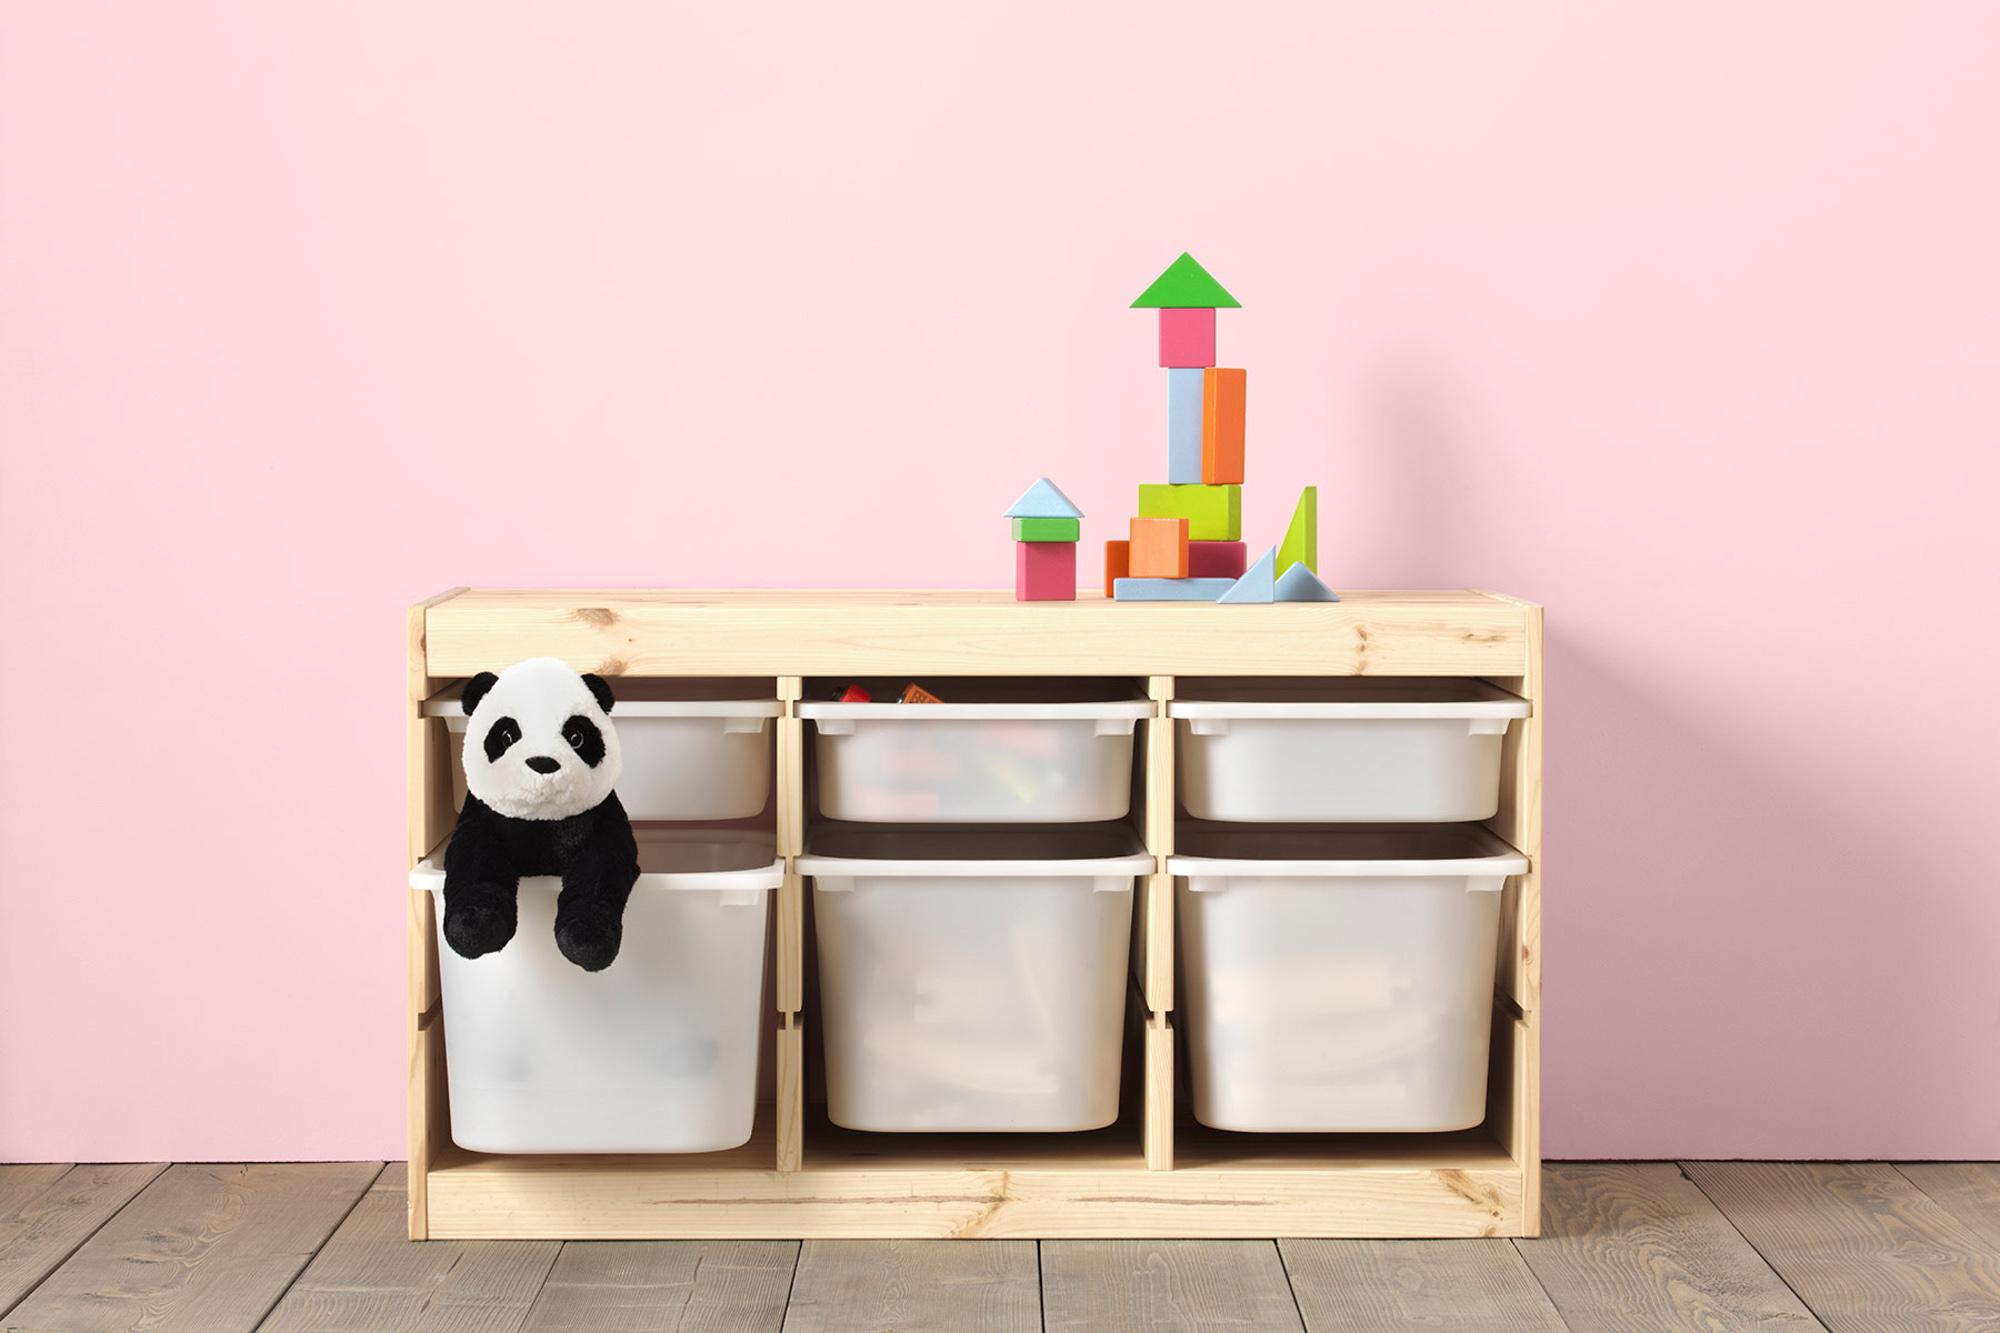 Ikea nos trae novedades la casa de mar orden y deco el blog for Orden en casa ikea